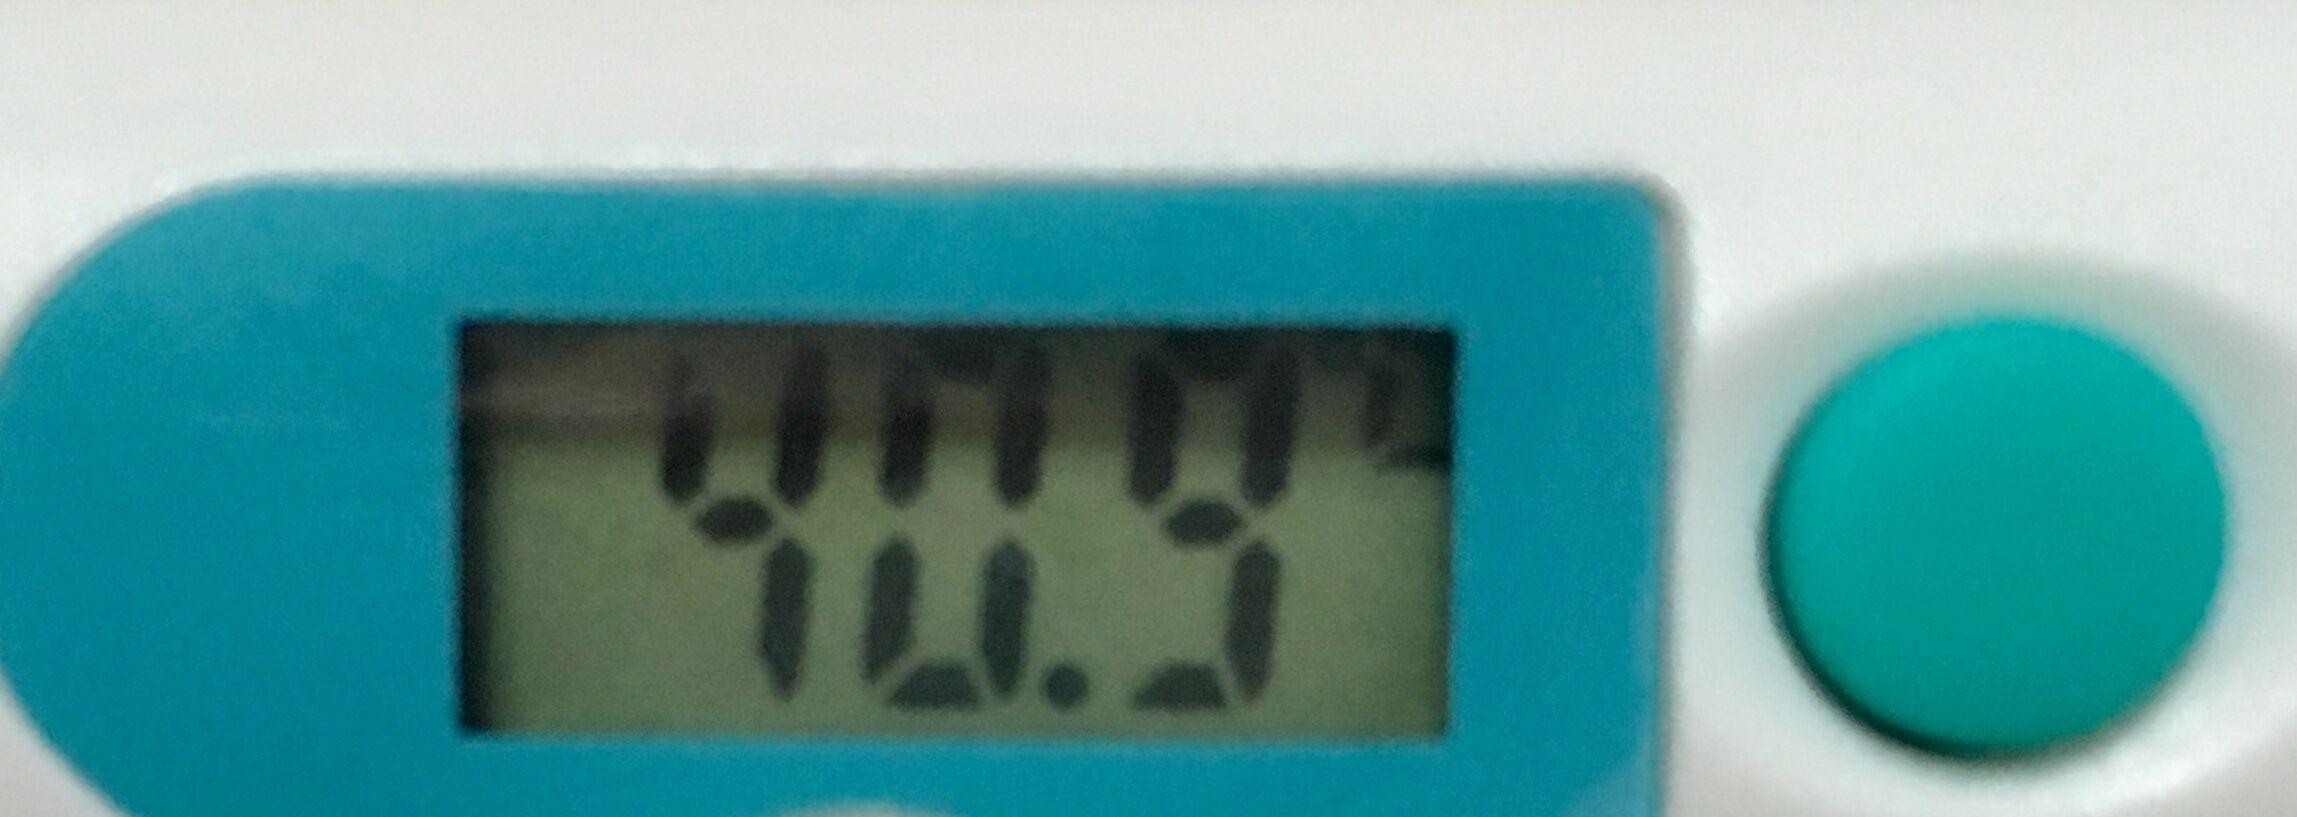 40.9度